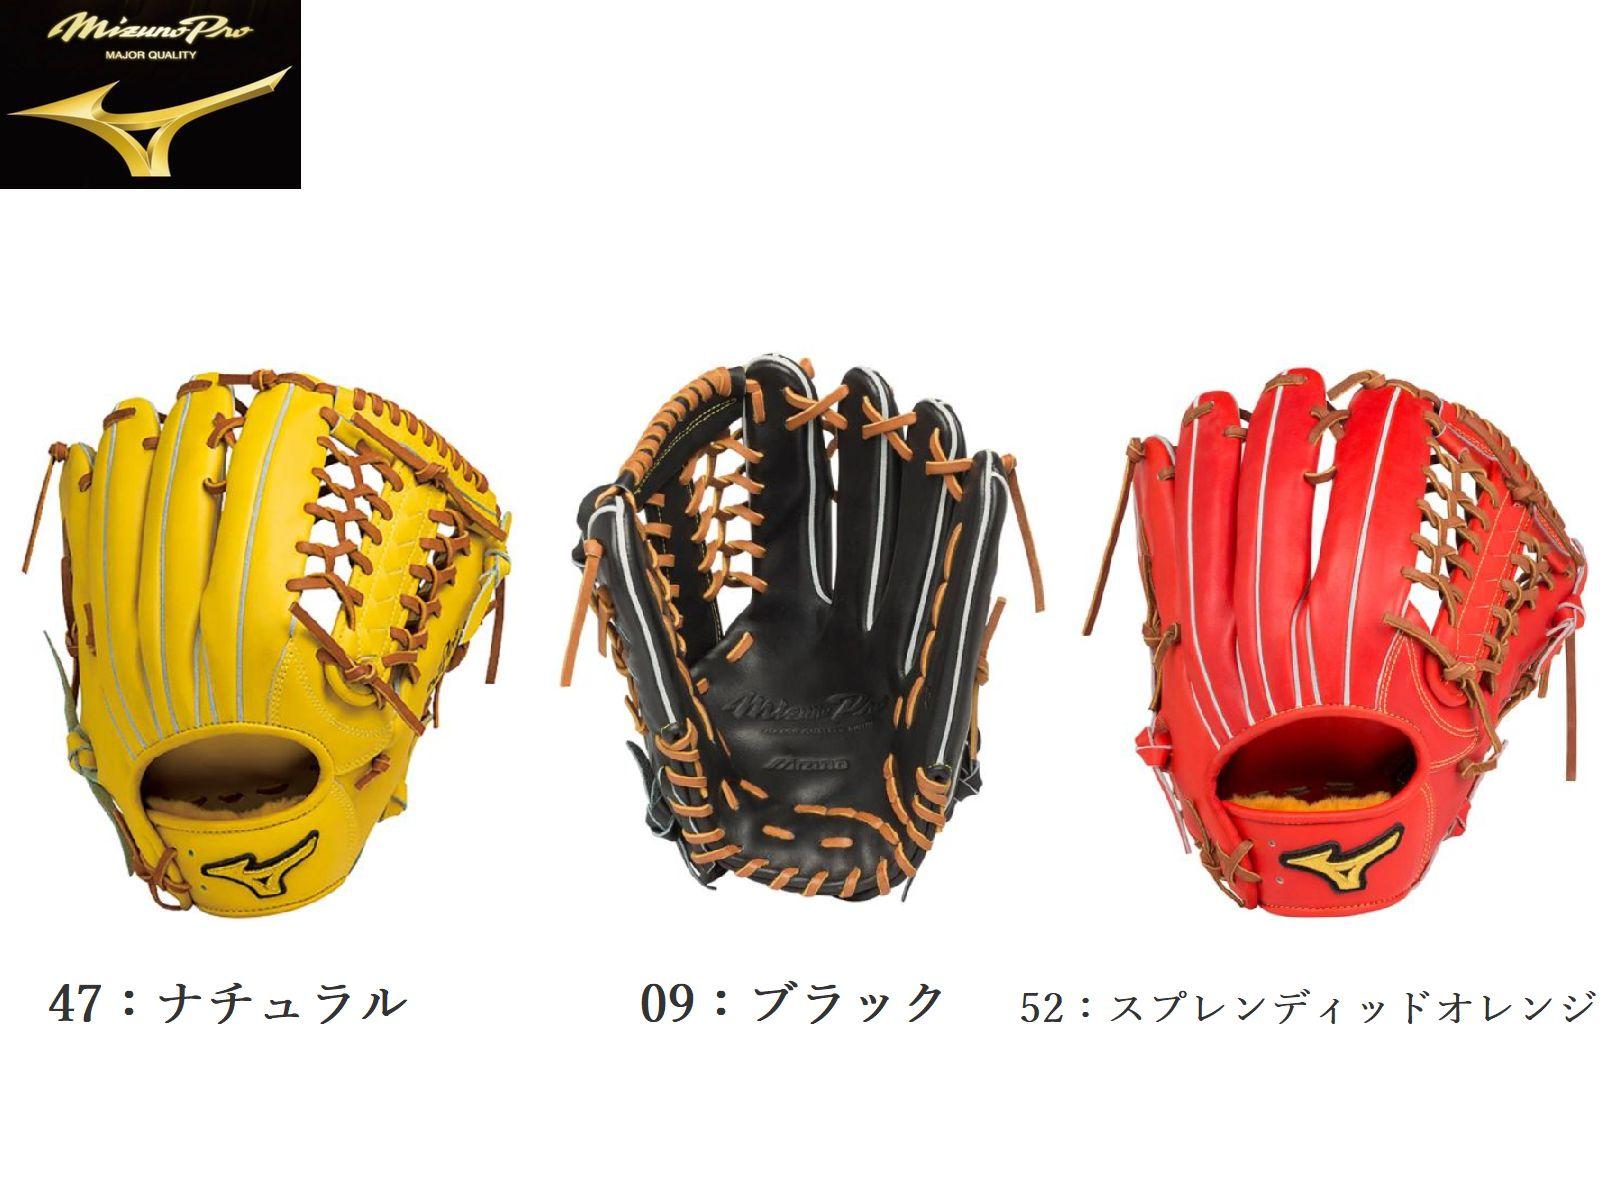 【MIZUNO PRO=ミズノプロ】野球 ベースボール BASEBALL 硬式用グラブ<Speed Drive Technorogy【外野手用】>[ブラック/ナチュラル/スプレンディッドオレンジ](右投用/左投用)[サイズ:18N(旧表記15)]